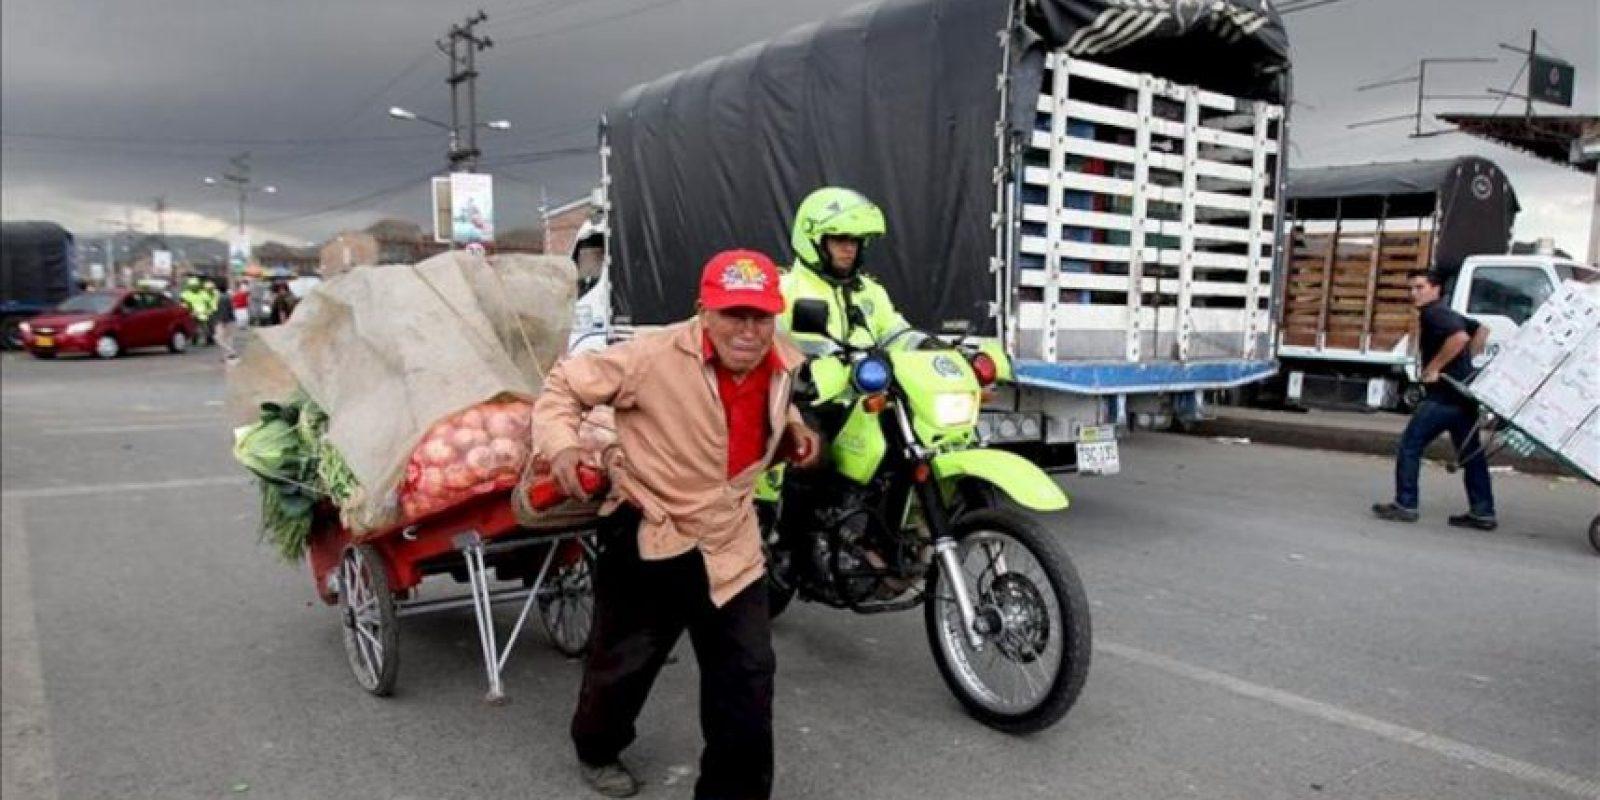 Un hombre carga alimentos en una carreta hoy, sábado 24 de agosto de 2013, en la Central de Abastos en Bogotá (Colombia). EFE